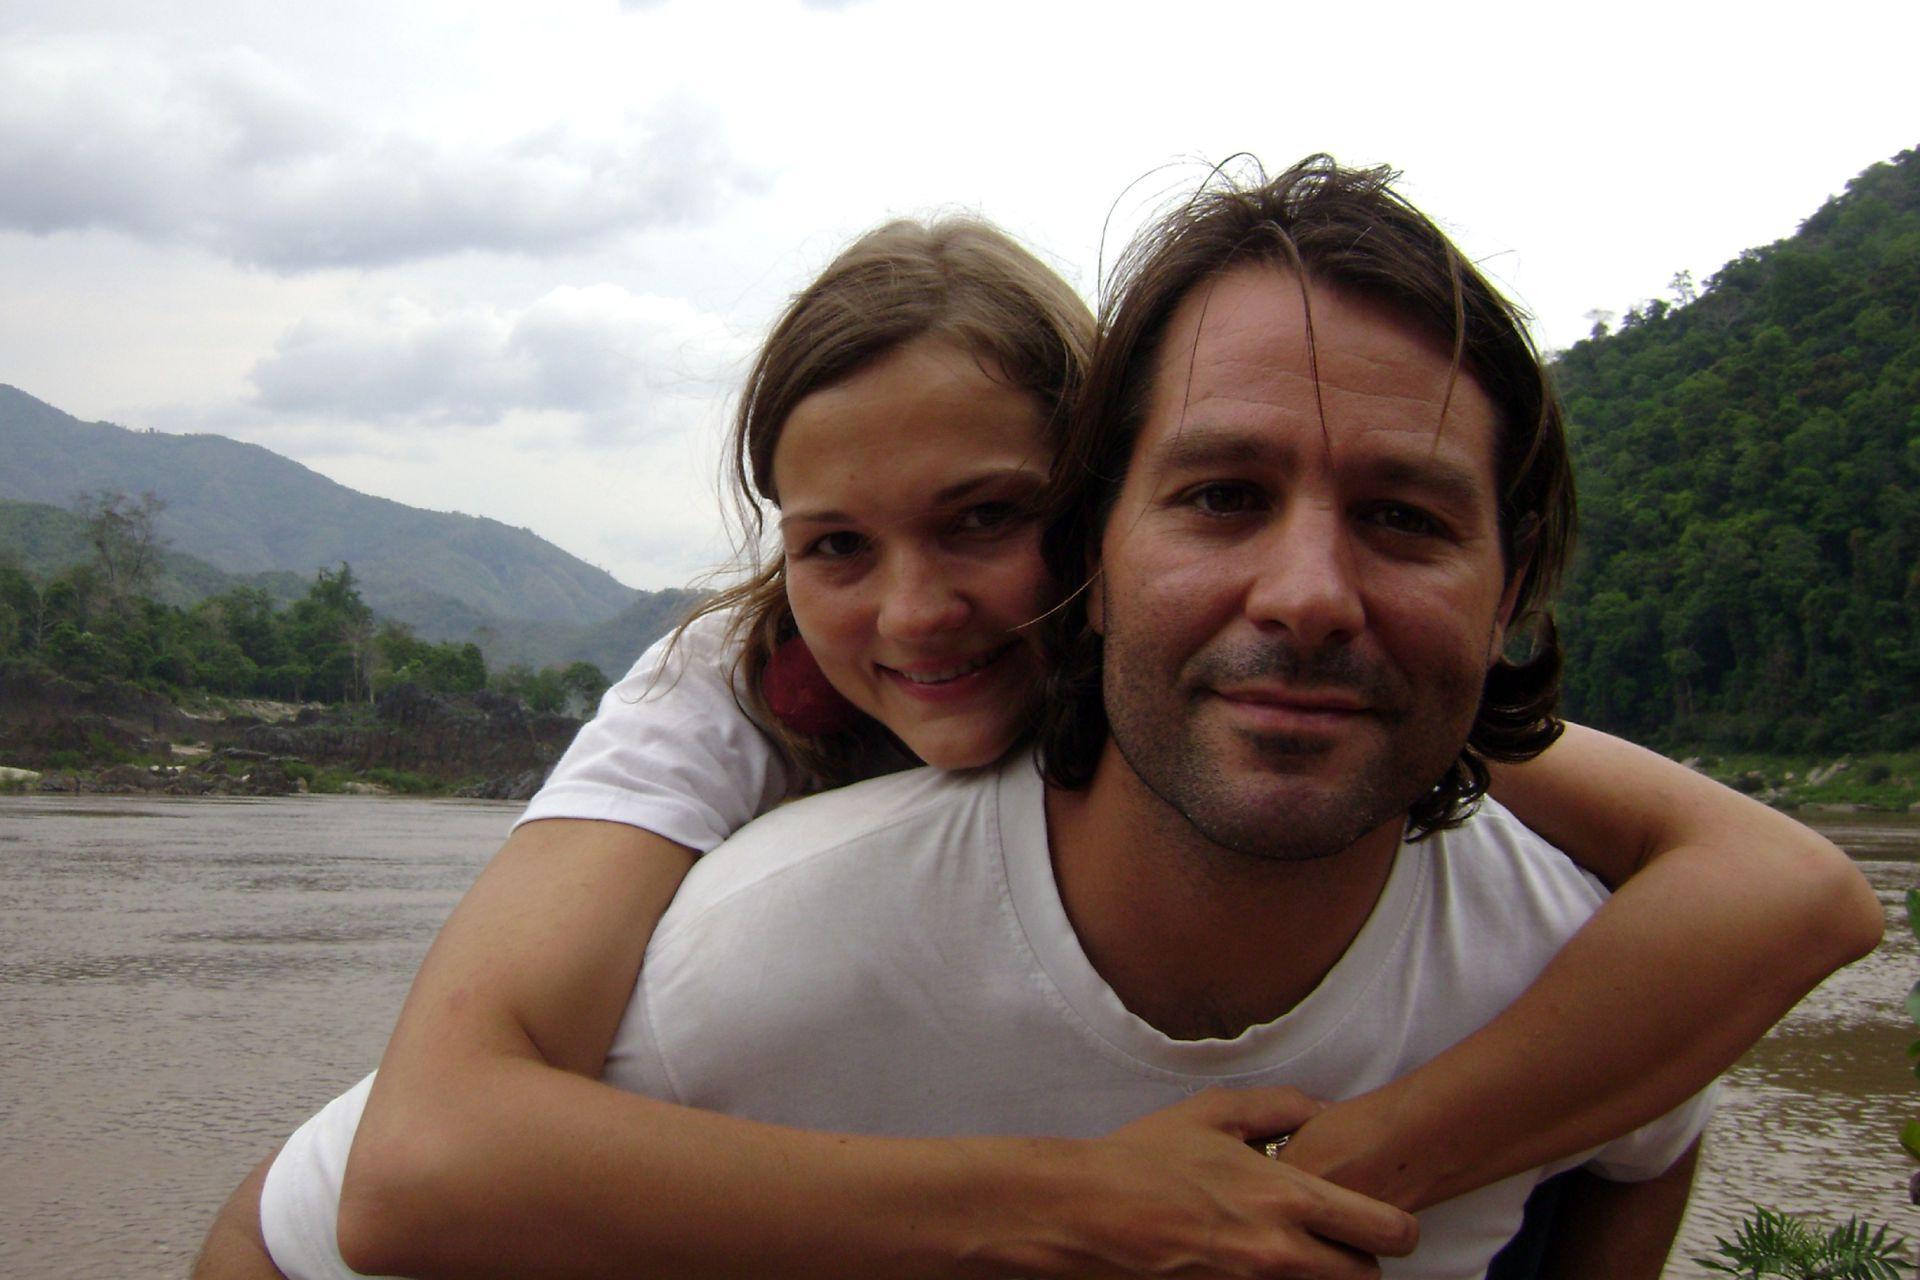 Antes de casarse, la pareja hizo un viaje soñado por el sudeste asiático (Tailandia, Malasia, Camboya, Laos, Filipinas).